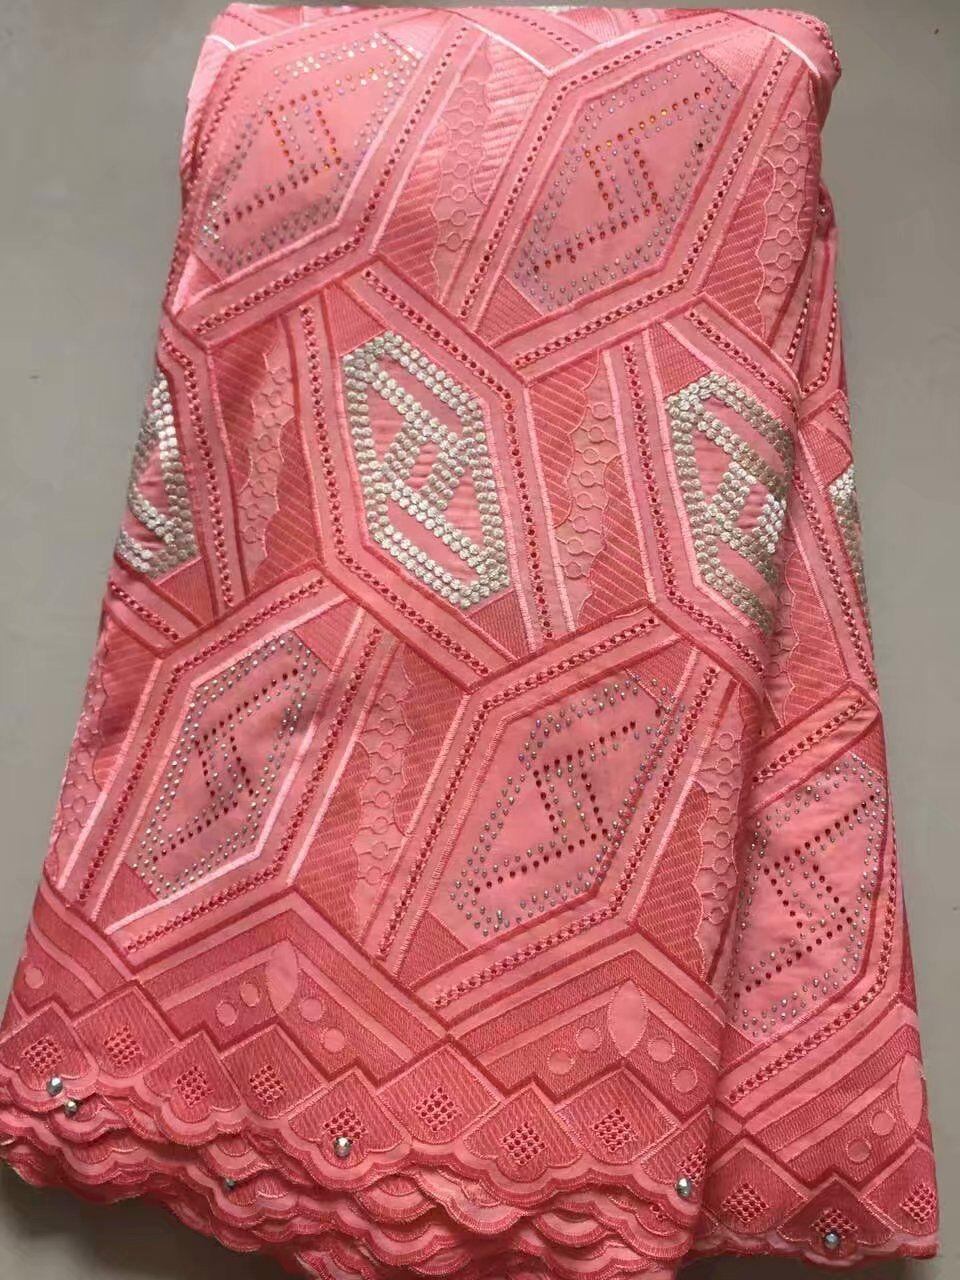 Nouveau Design haute qualité africain suisse Voile dentelle/luxe suisse Voile dentelle en suisse pour robes avec pierre